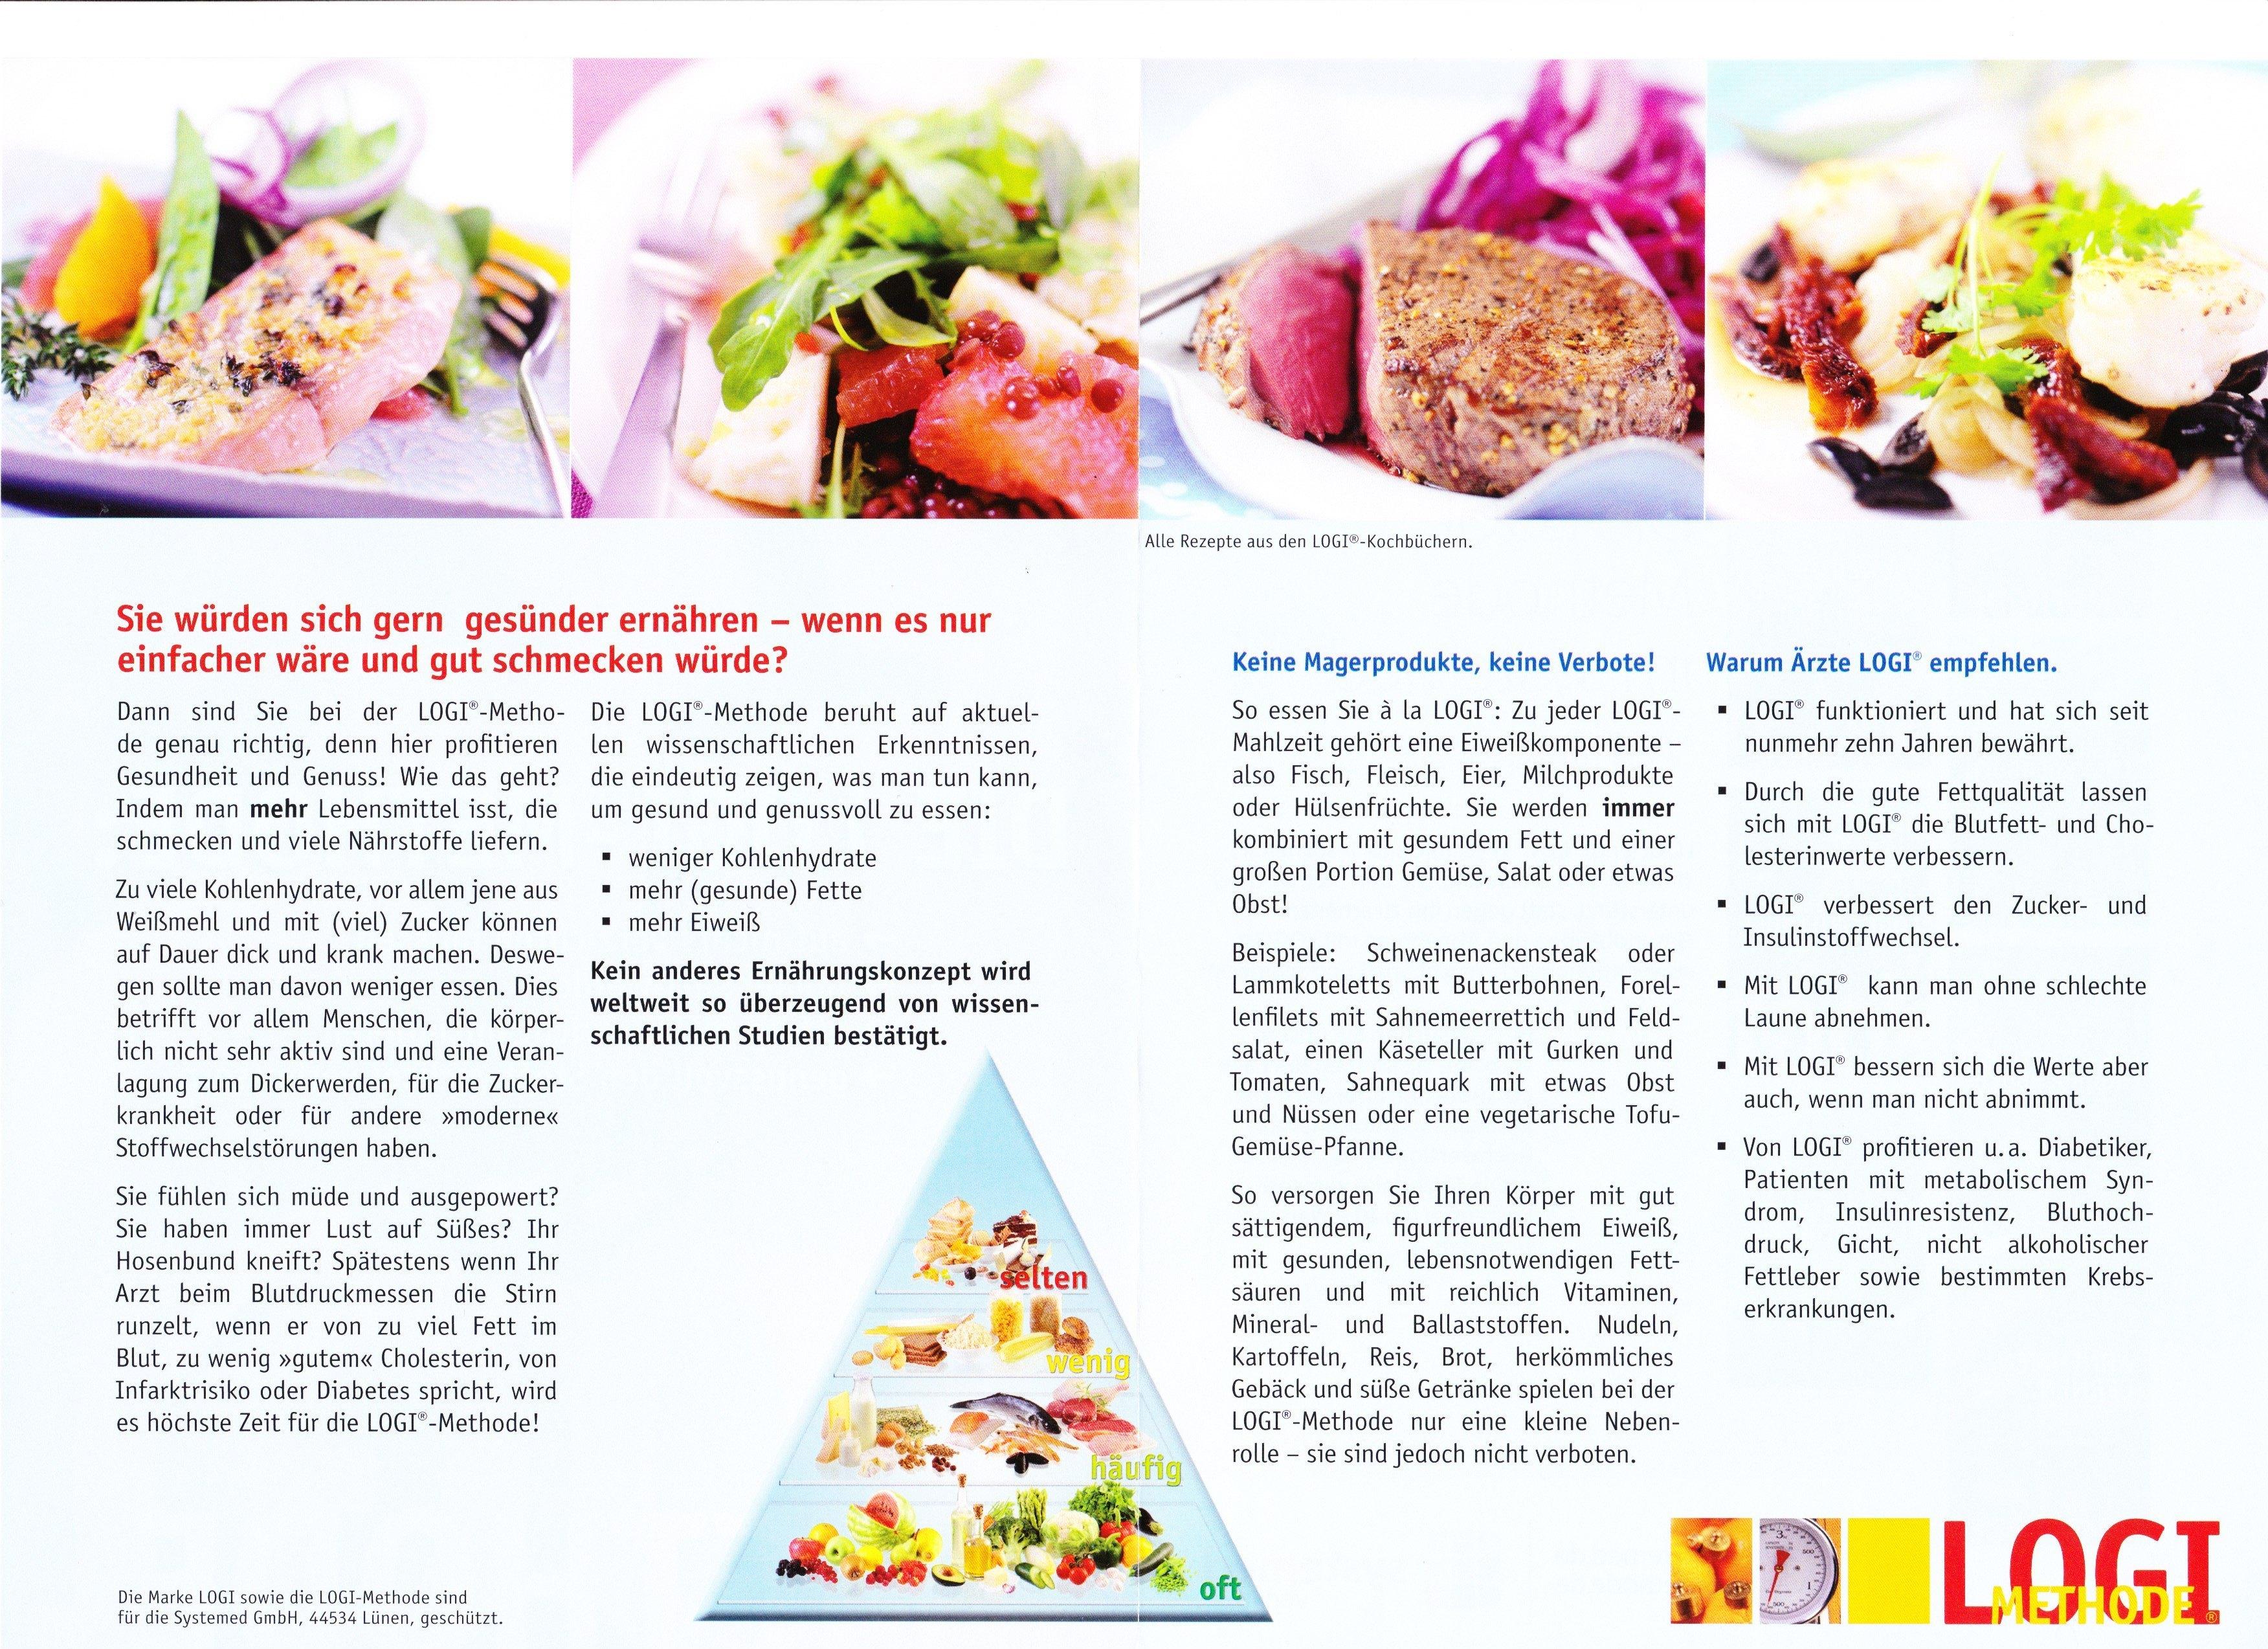 Logi kost ernährungsplan - Gesunde Ernährung Lebensmittel